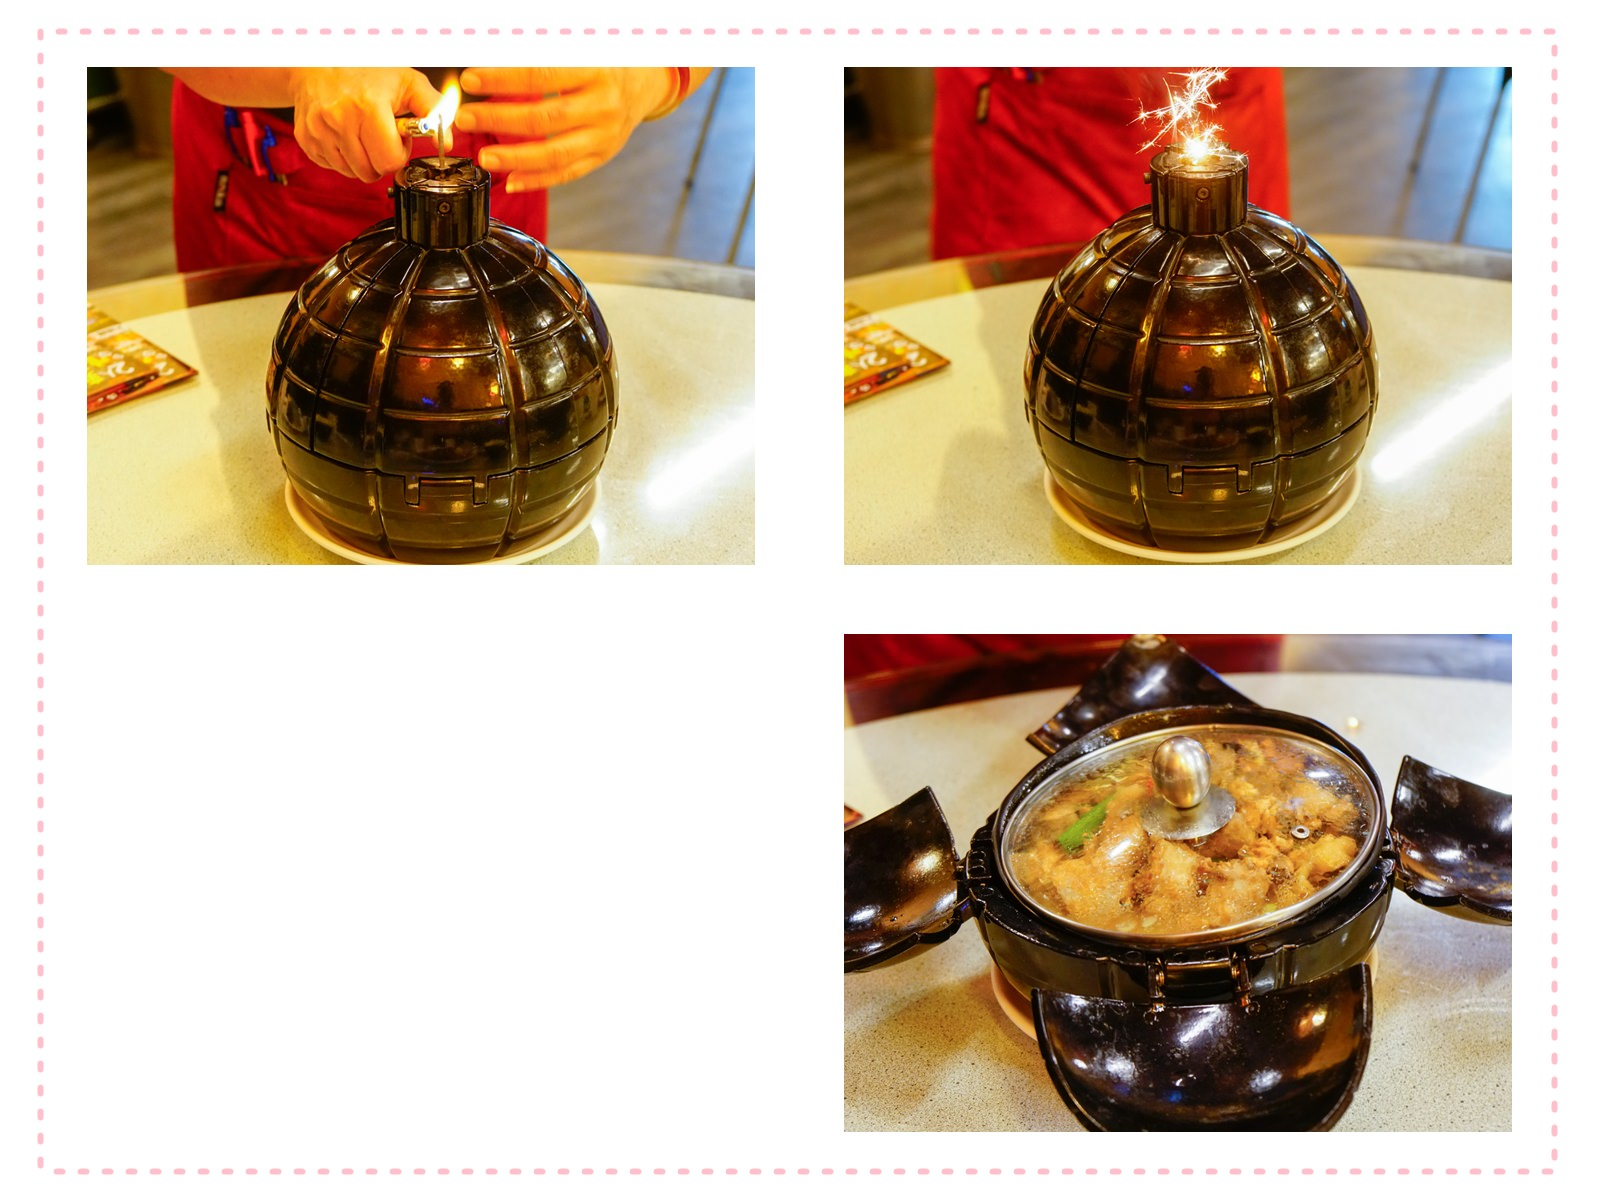 [高雄]城裡的月光土雞-燃燒吧!噴汁火燒雞 桌邊秀創意吃土雞 高雄土雞城推薦 @美食好芃友